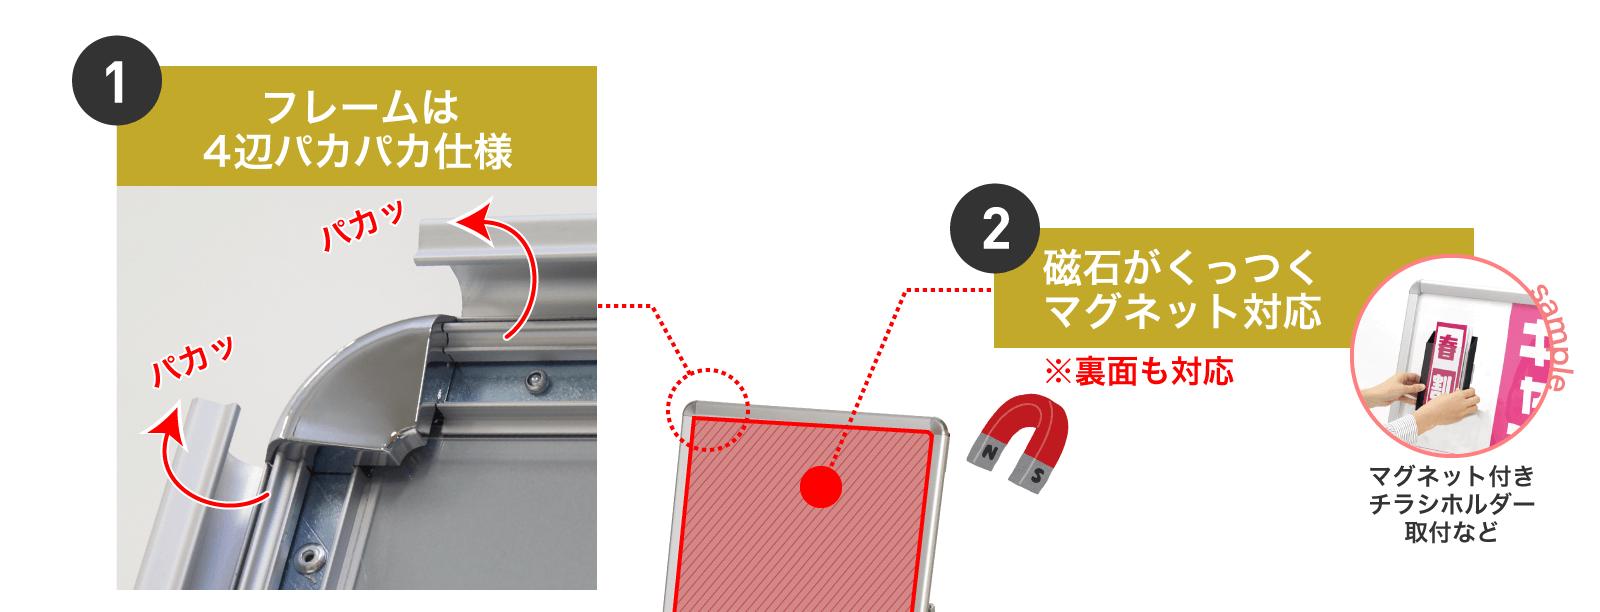 1.フレームは4辺パカパカ仕様/2.磁石がくっつくマグネット対応